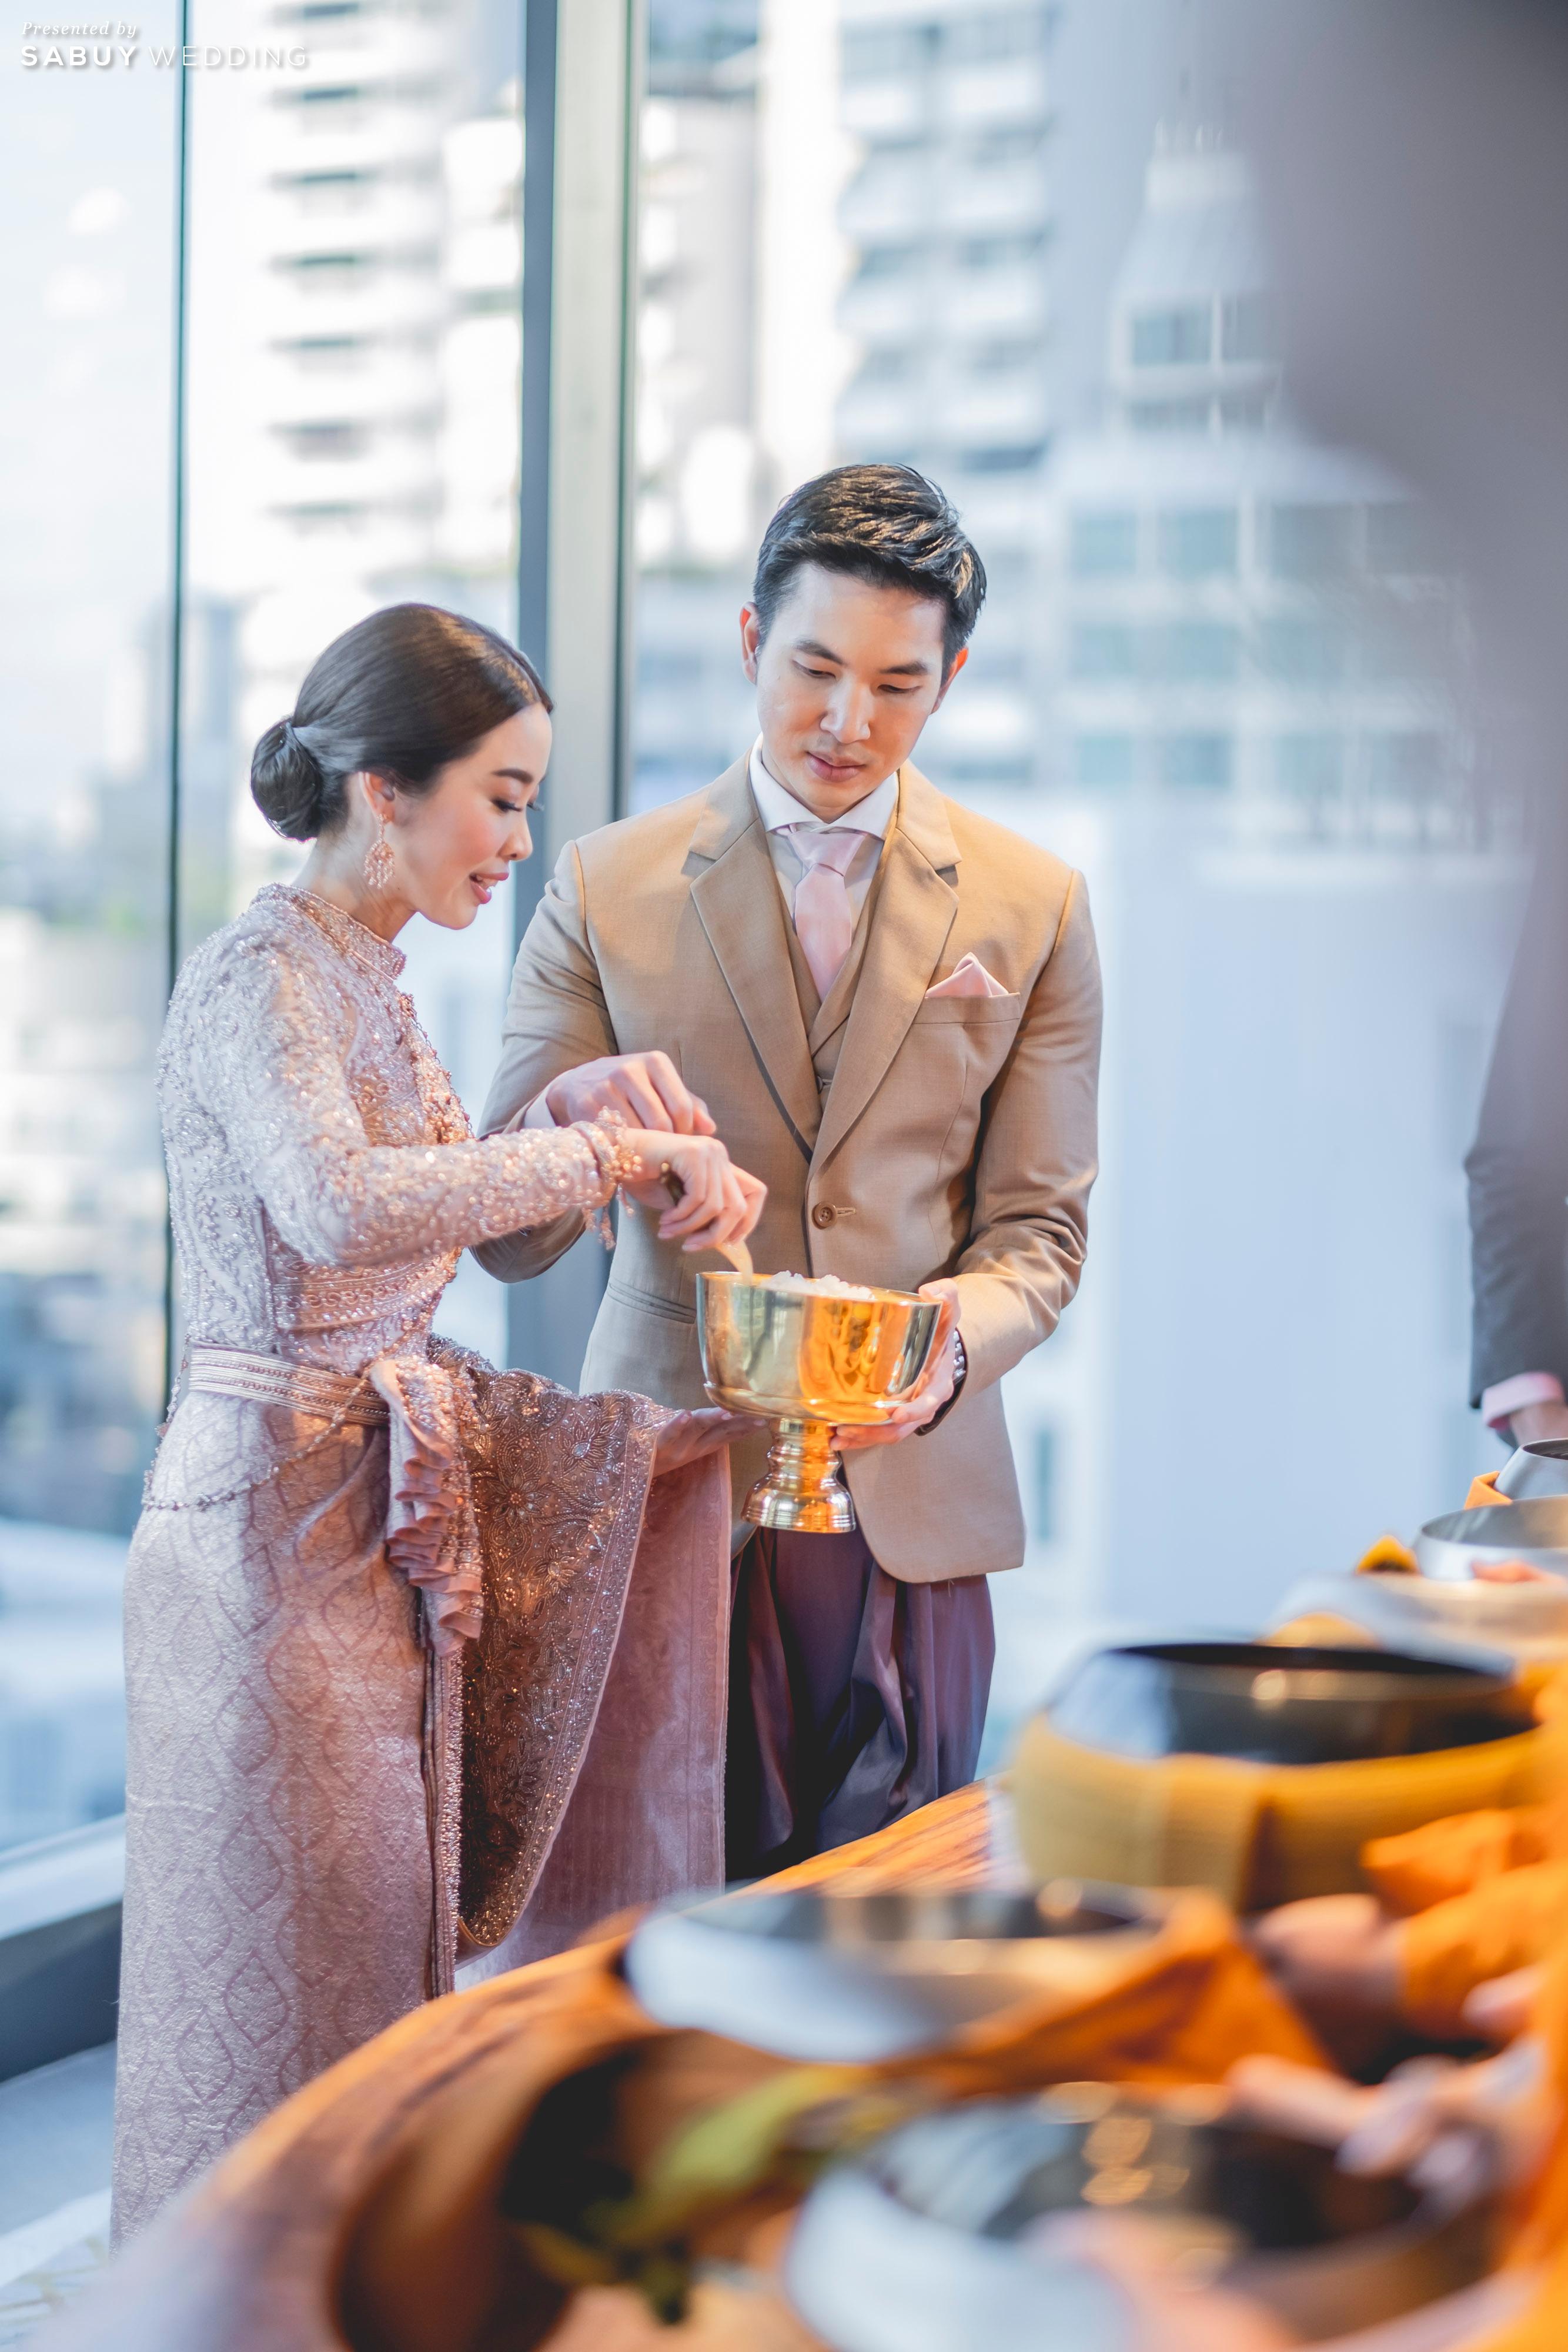 ชุดแต่งงาน,ชุดไทย รีวิวงานแต่งธีมสี Taupe สวยดูดีแบบ Luxury Style @ Hyatt Regency Bangkok Sukhumvit